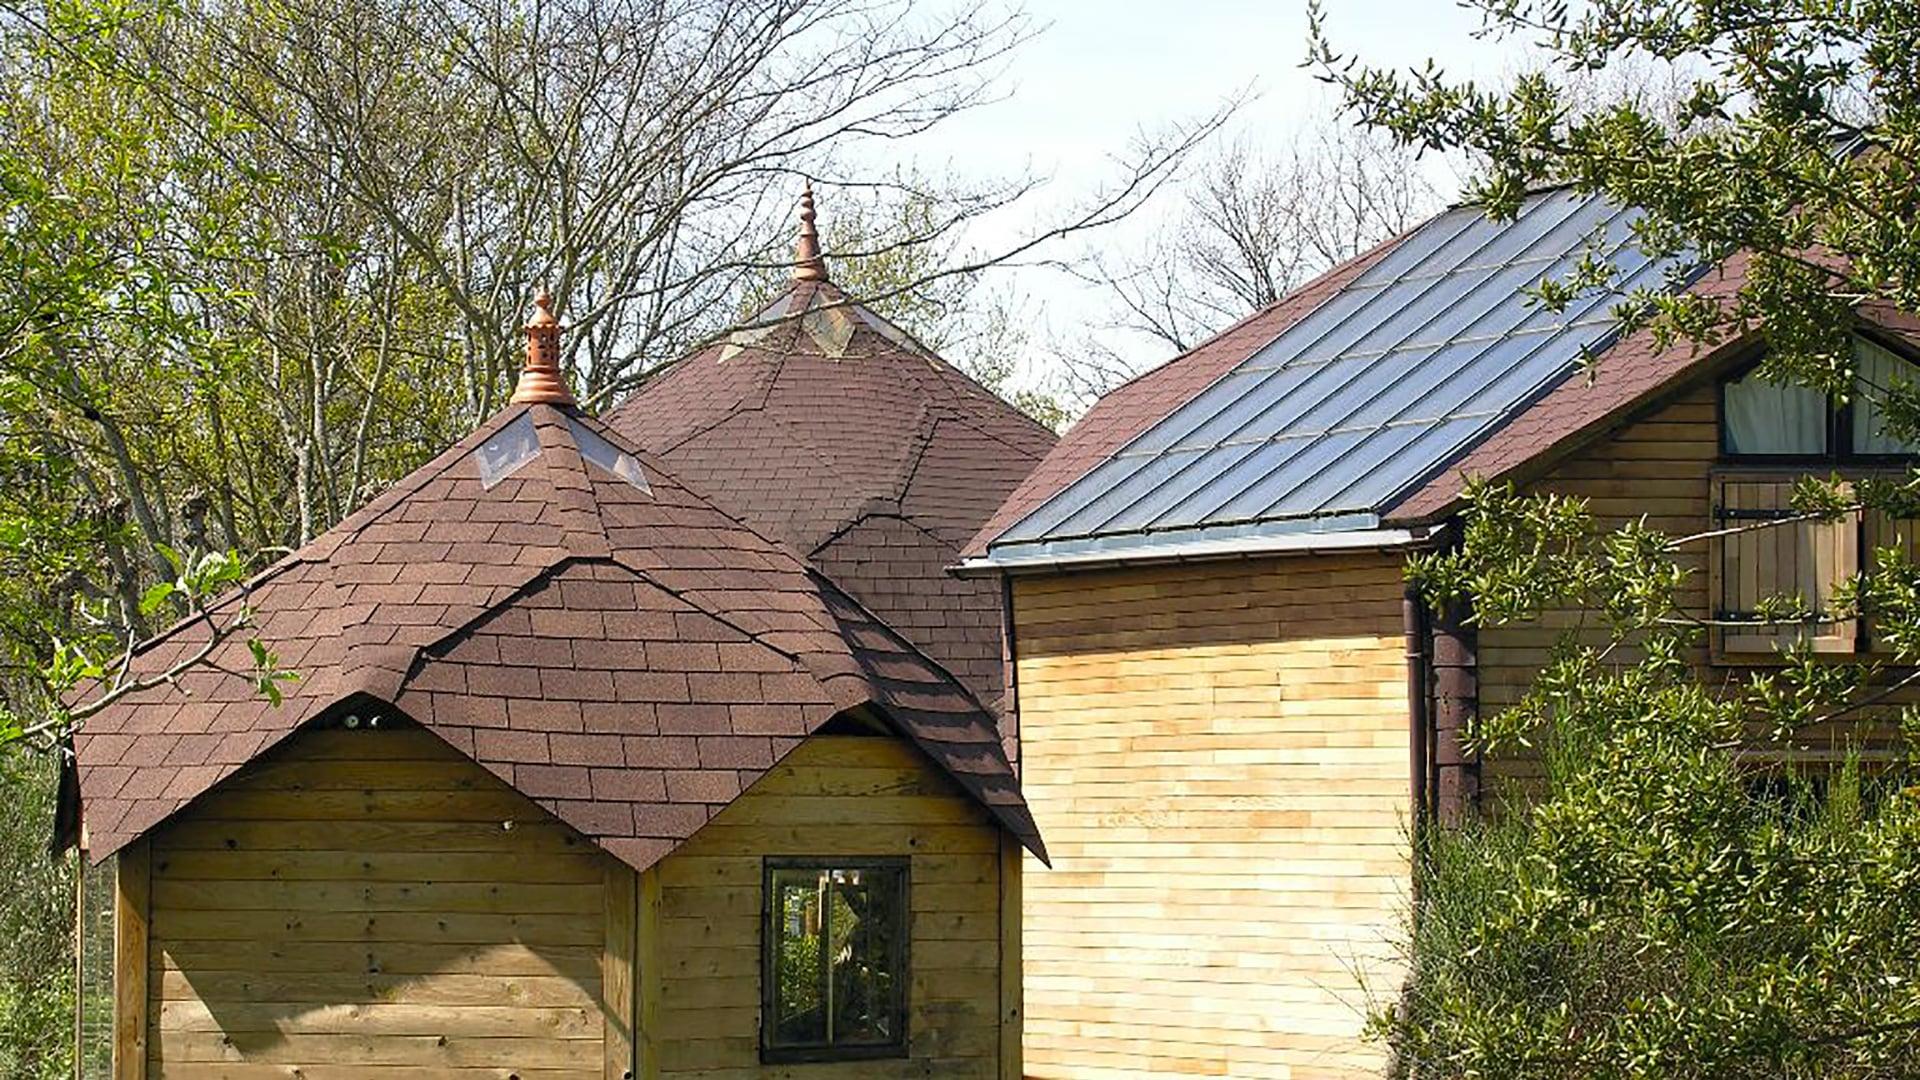 zomes et panneaux solaires